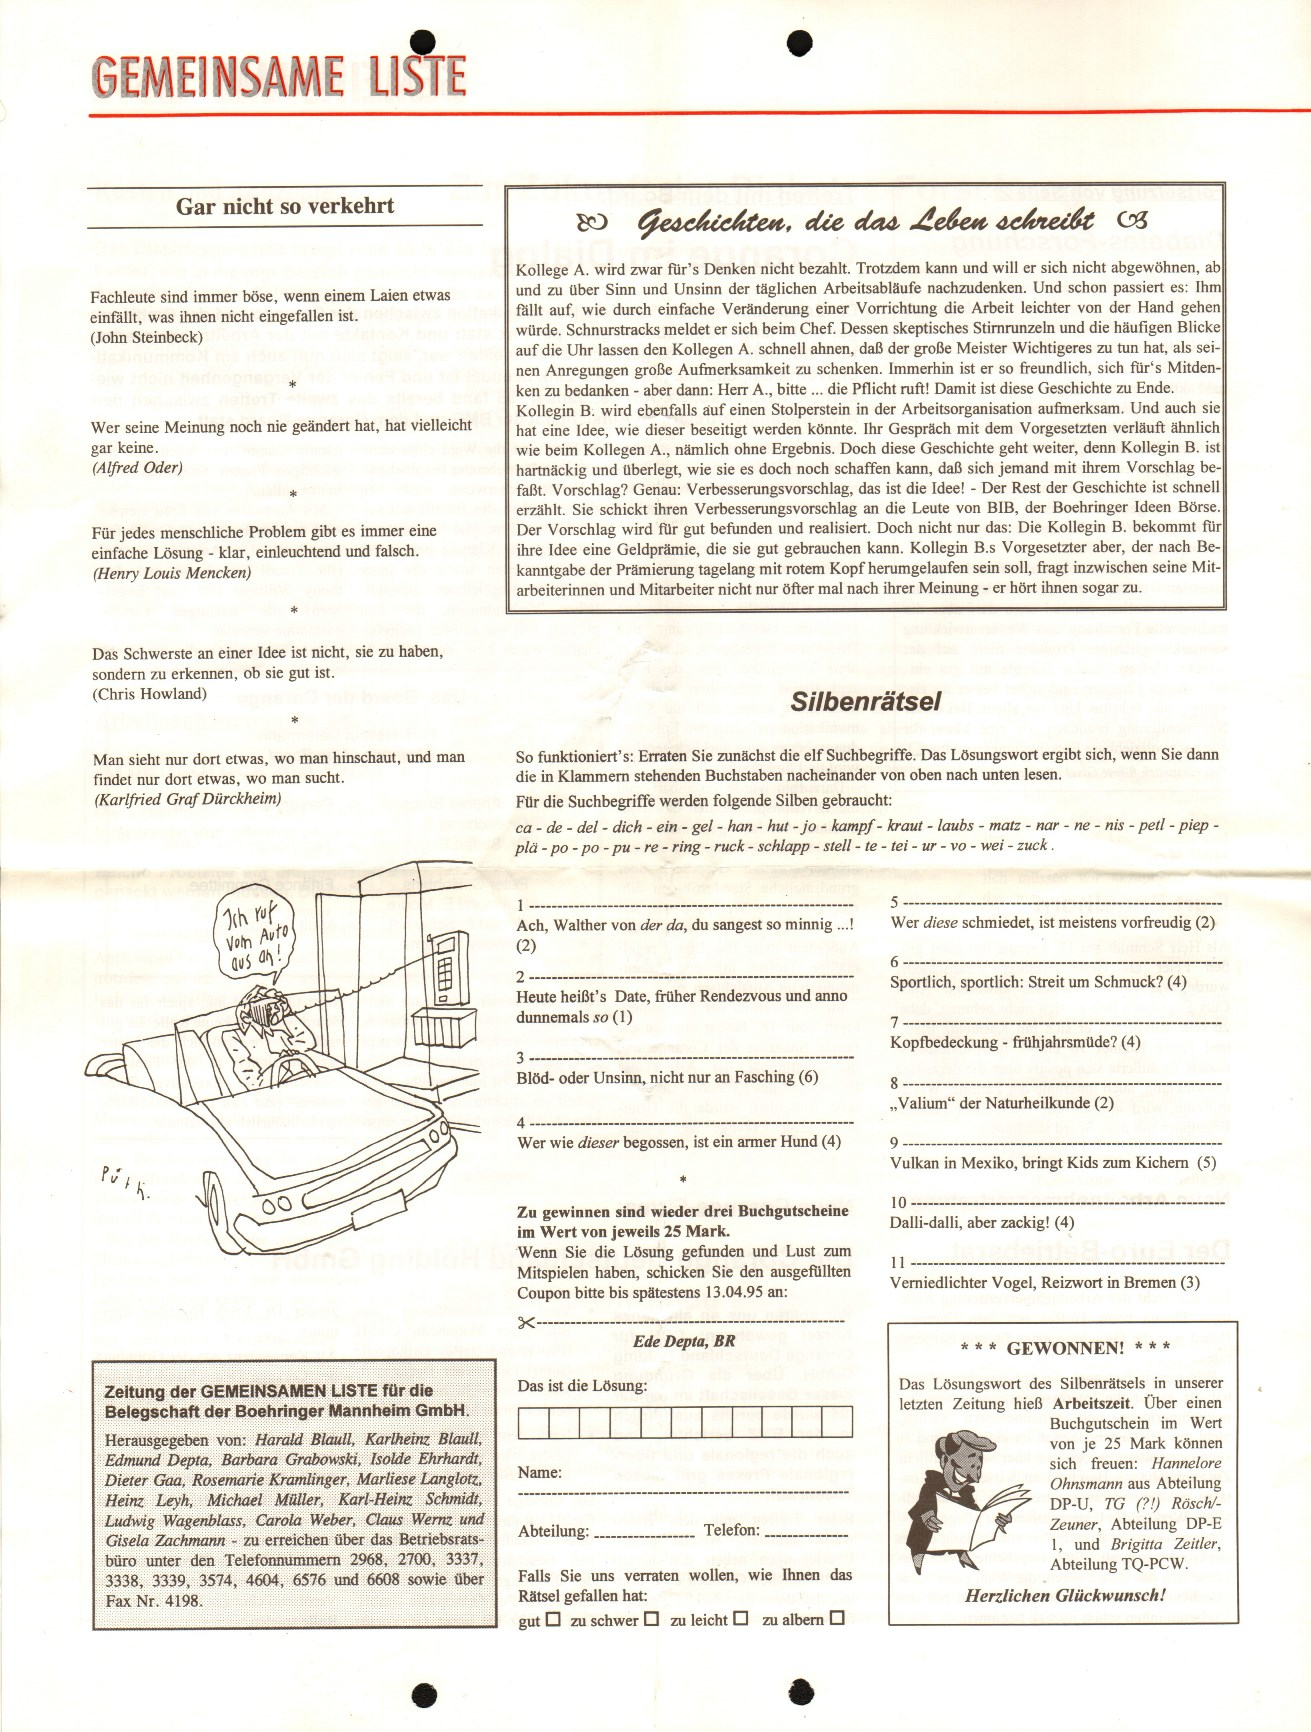 Mannheim_Boehringer_Gemeinsame_Liste_1995_01_04